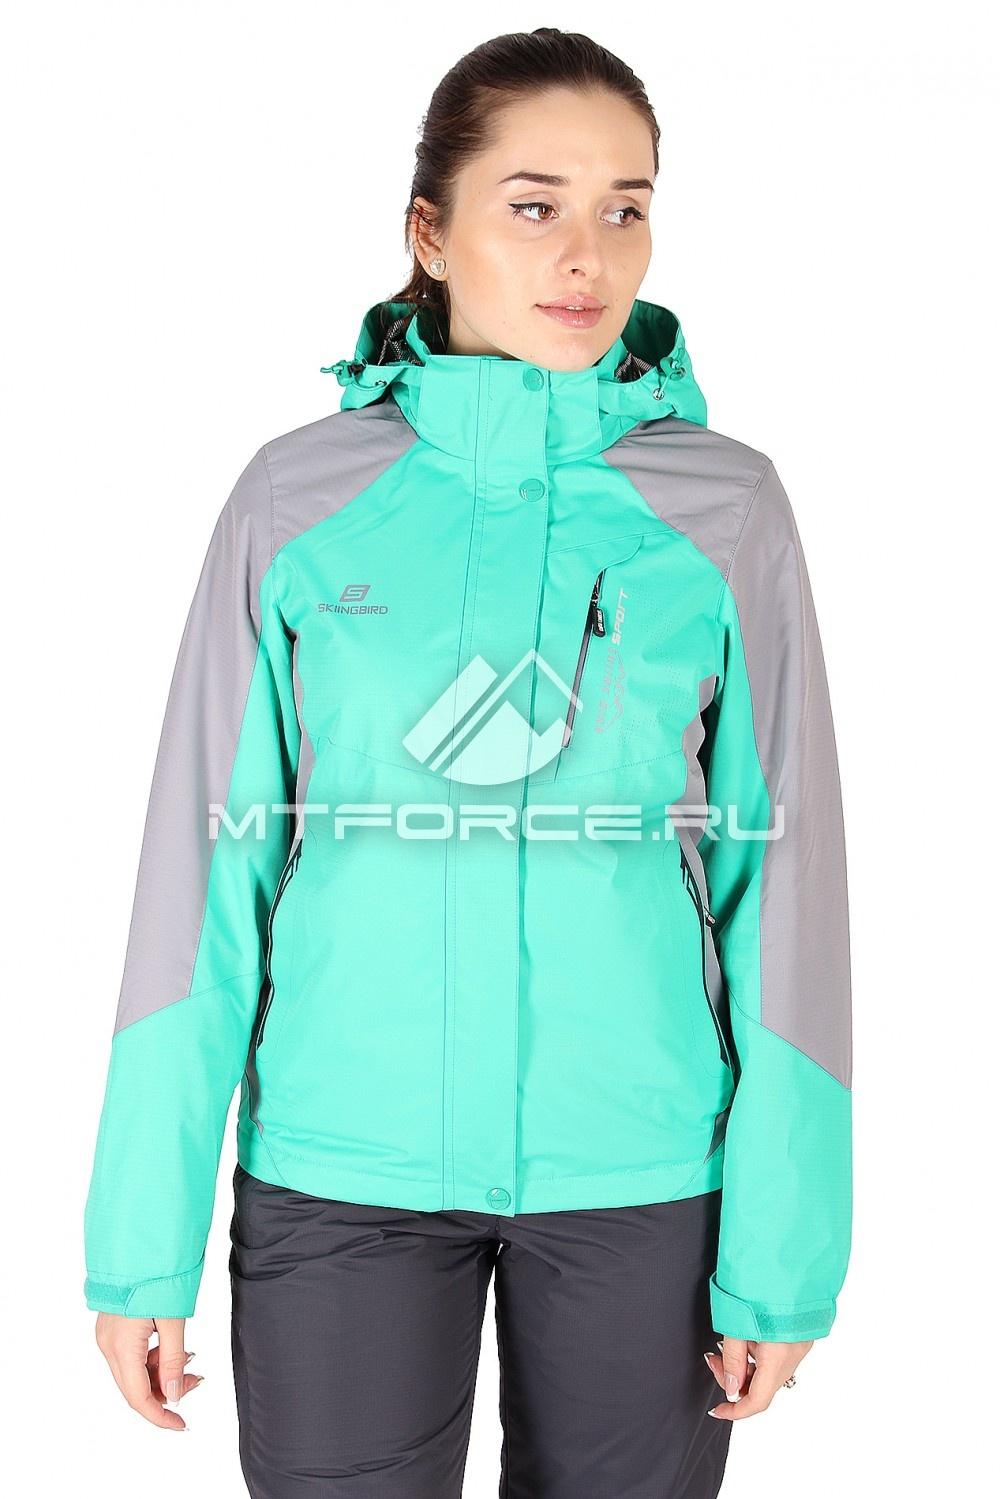 Купить                                  оптом Куртка спортивная женская весна зеленого цвета 1612Z